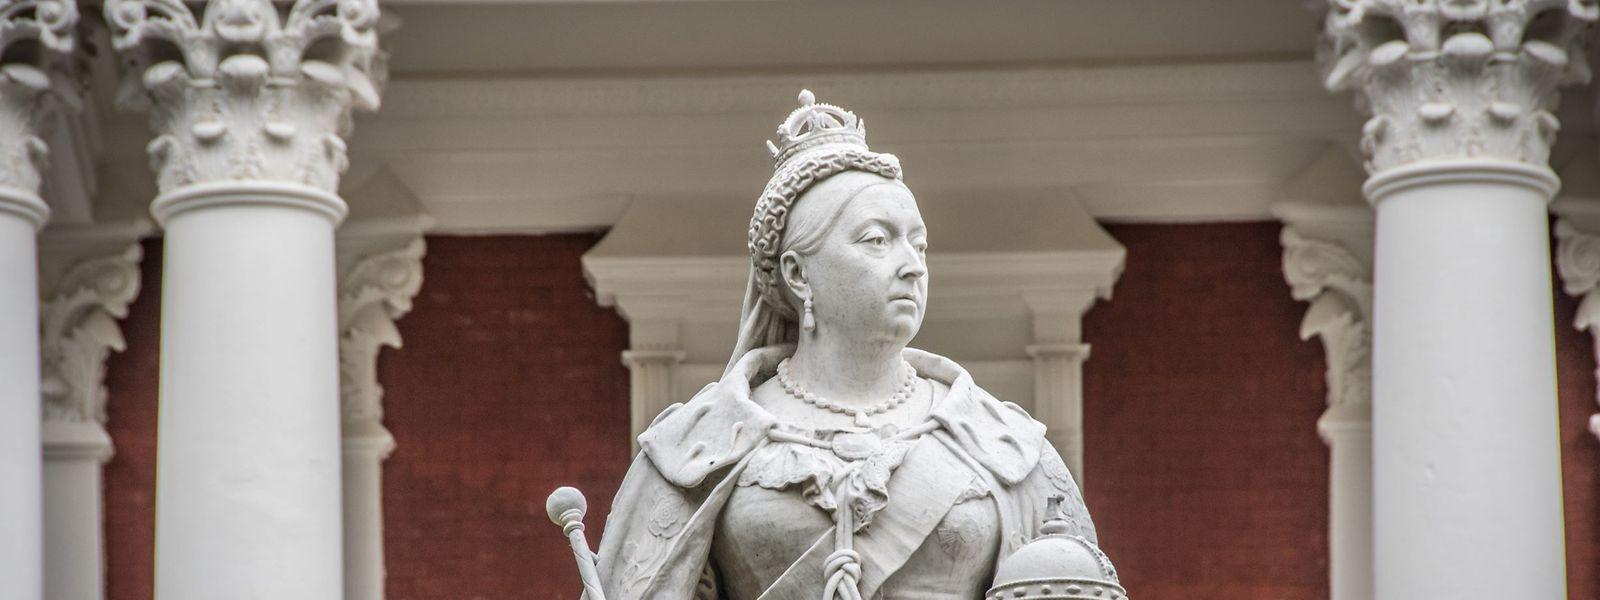 Eine der umstrittenen Statuen von Queen Victoria in Kapstadt.